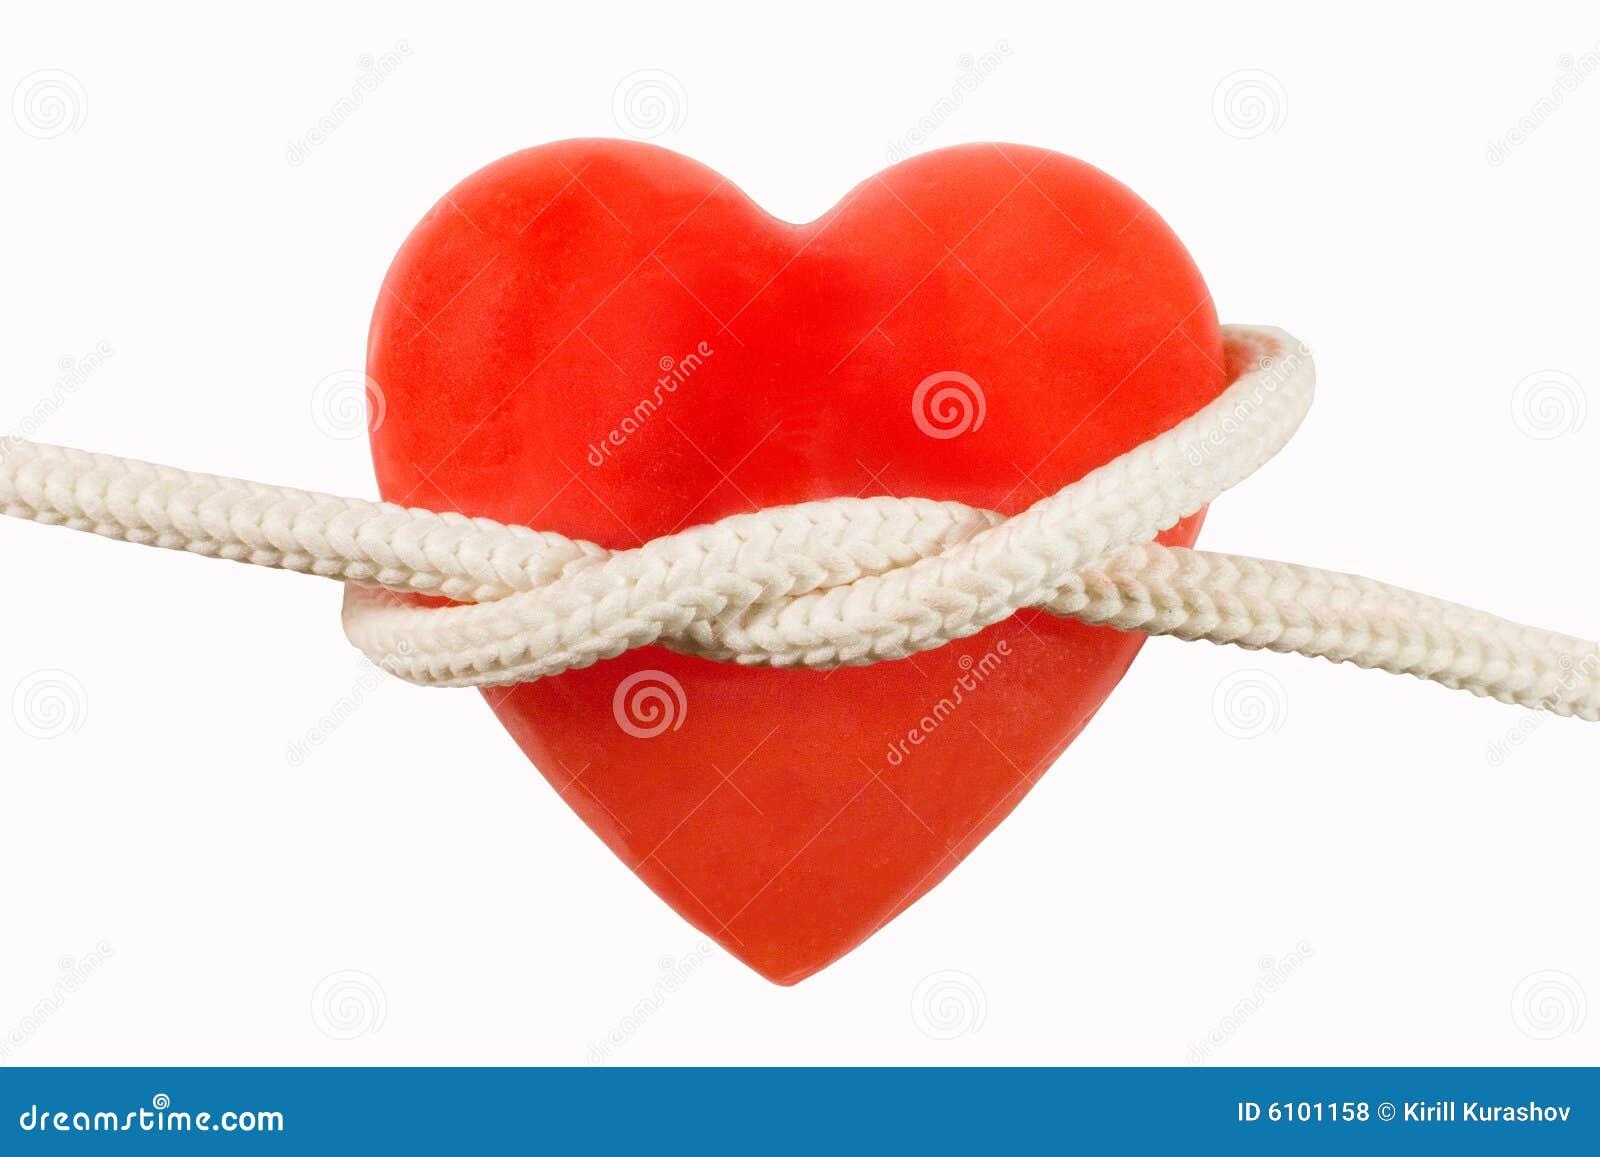 Vela heart-shaped vermelha e uma corda